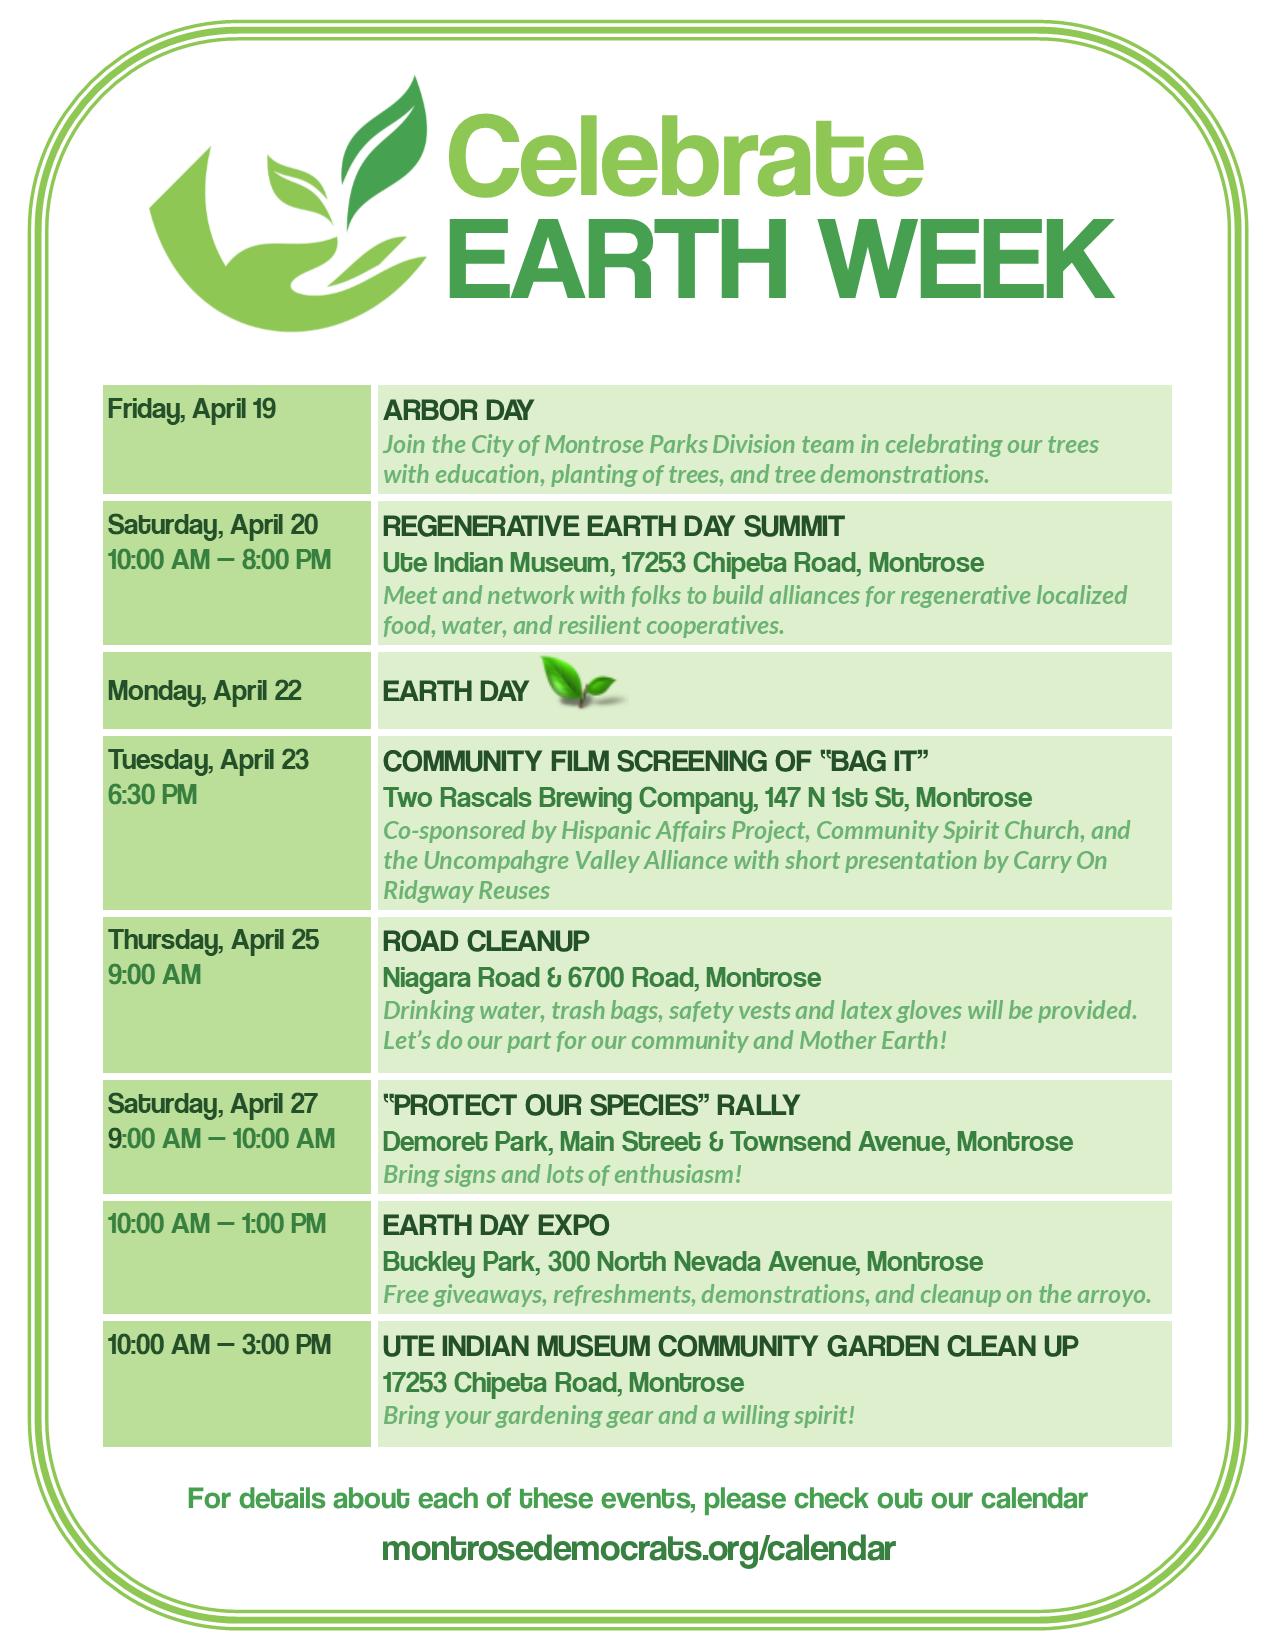 2019 Earth Week Calendar for Montrose, Colorado